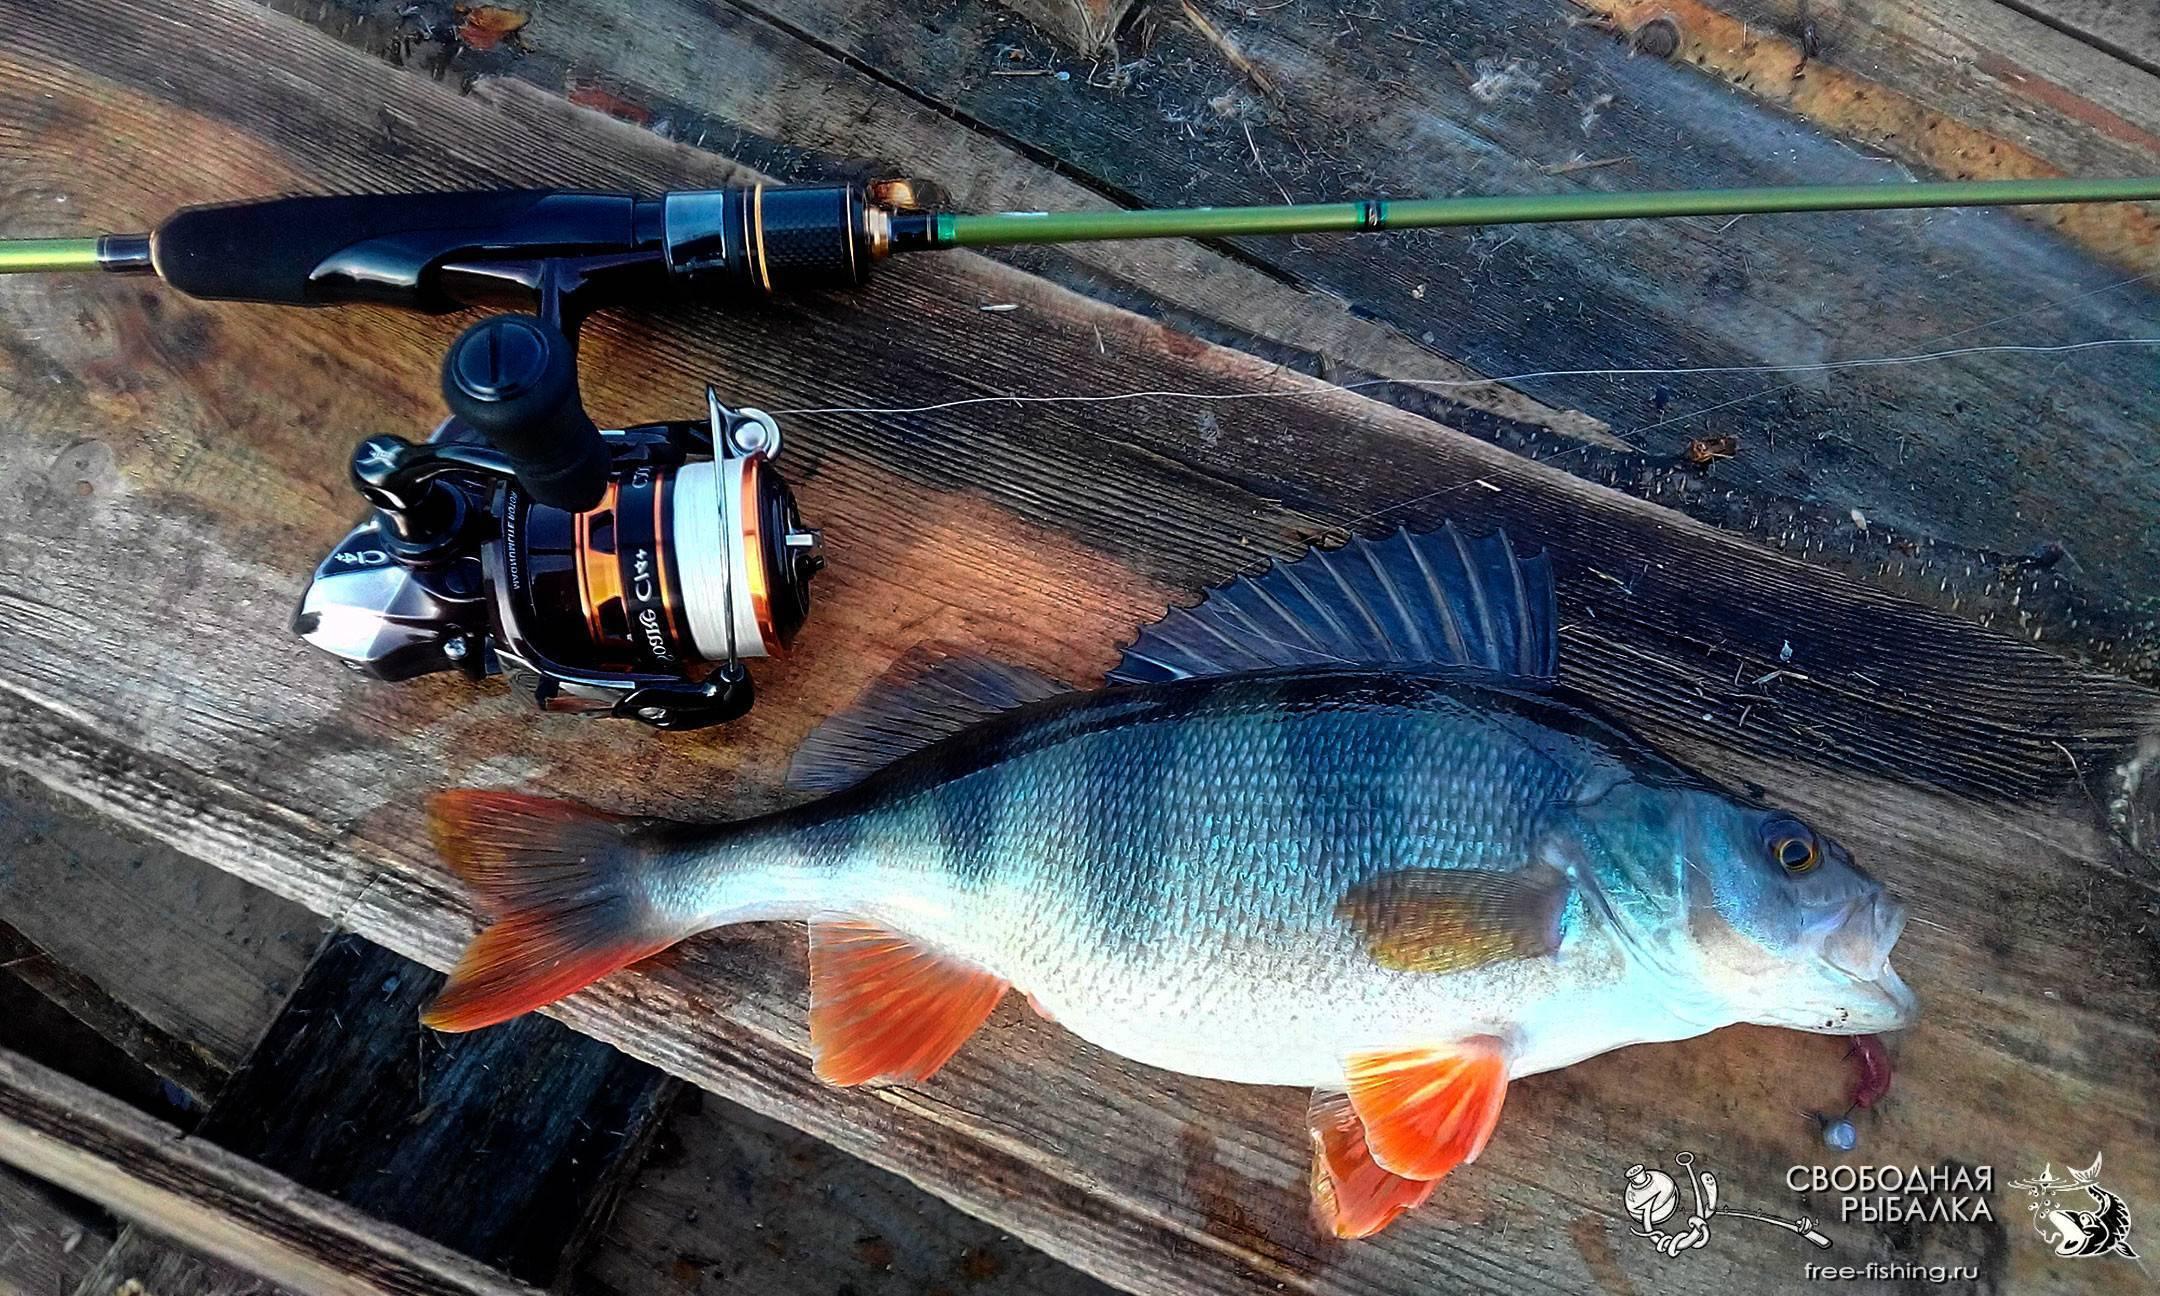 Ловля на ультралайт - читайте на сatcher.fish